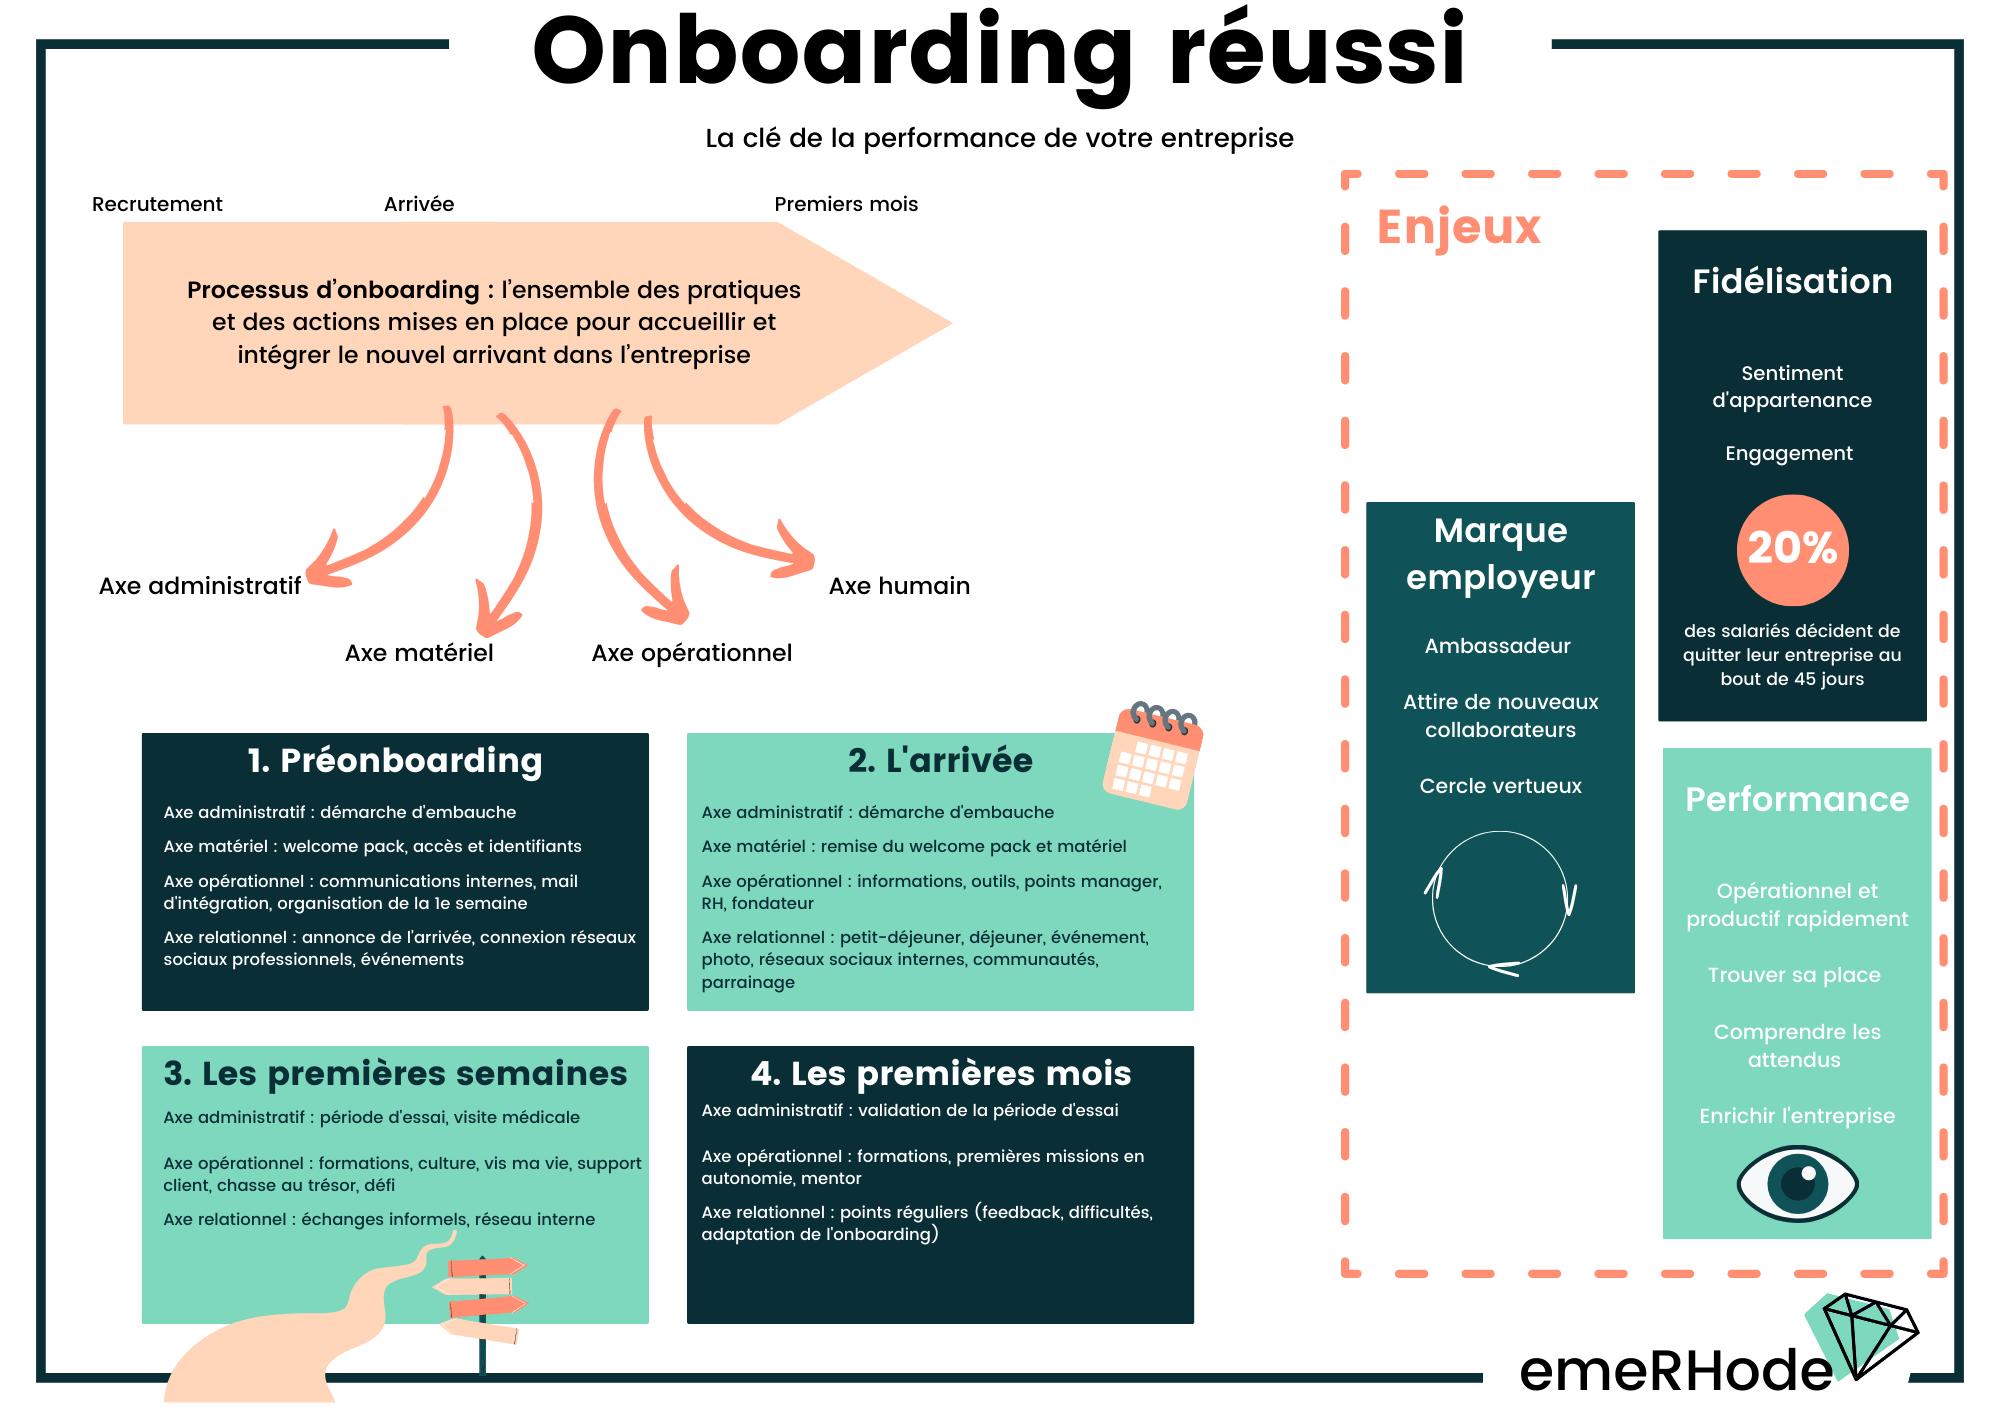 Onboarding RH